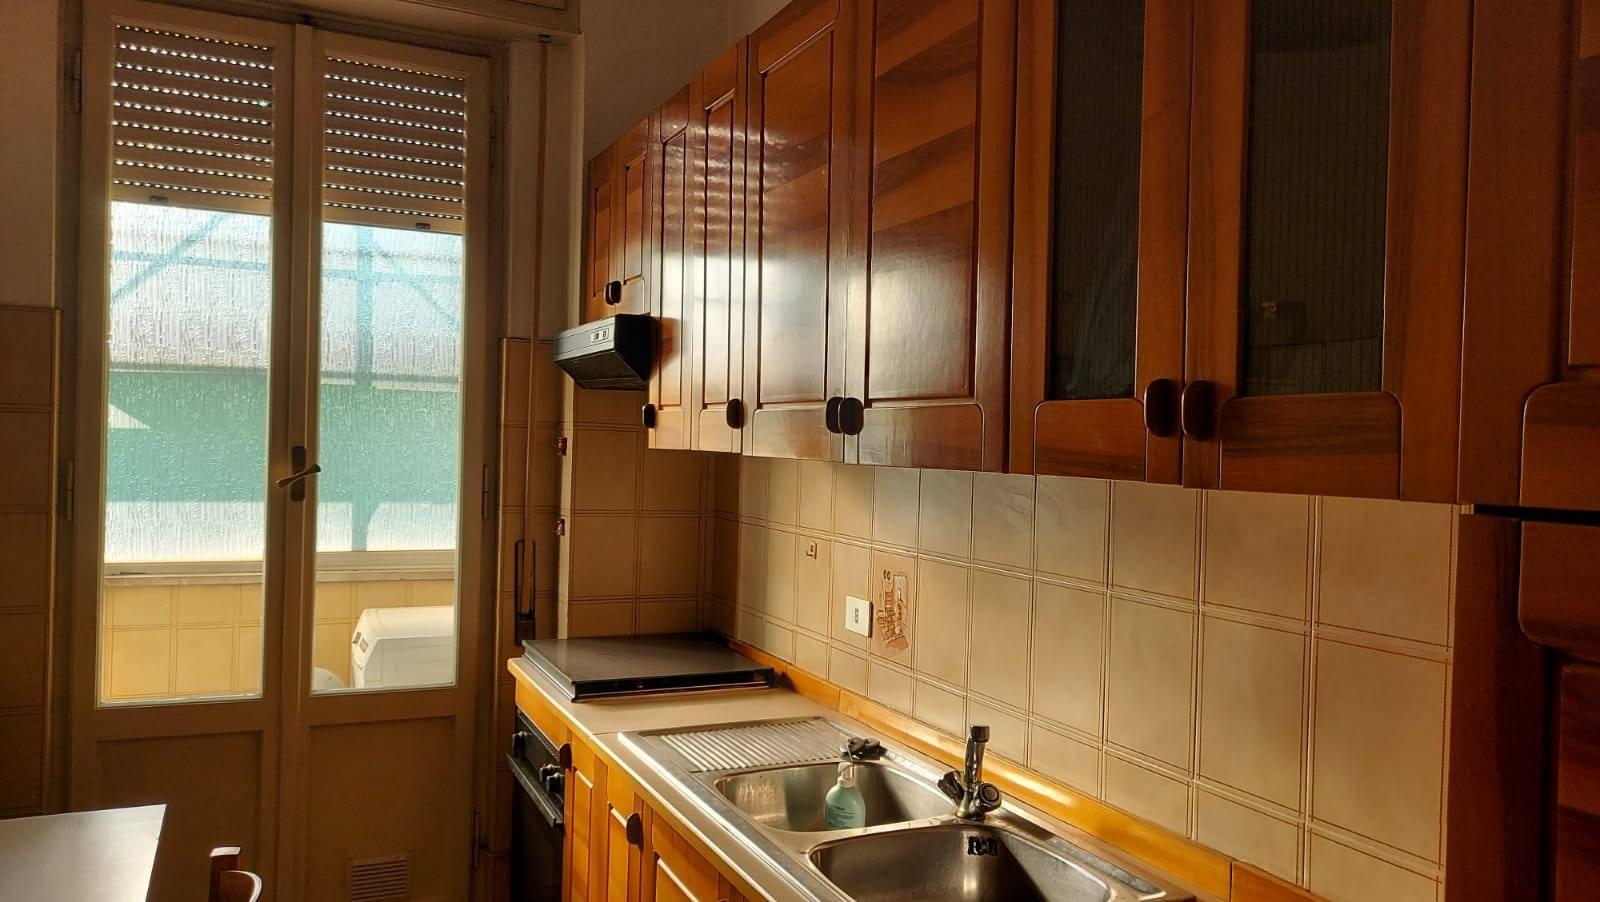 Piazza Dalmazia pressi, quarto piano con ascensore, affittasi per periodi annuali a non residenti, ampio trilocale composto da ingresso, sala con